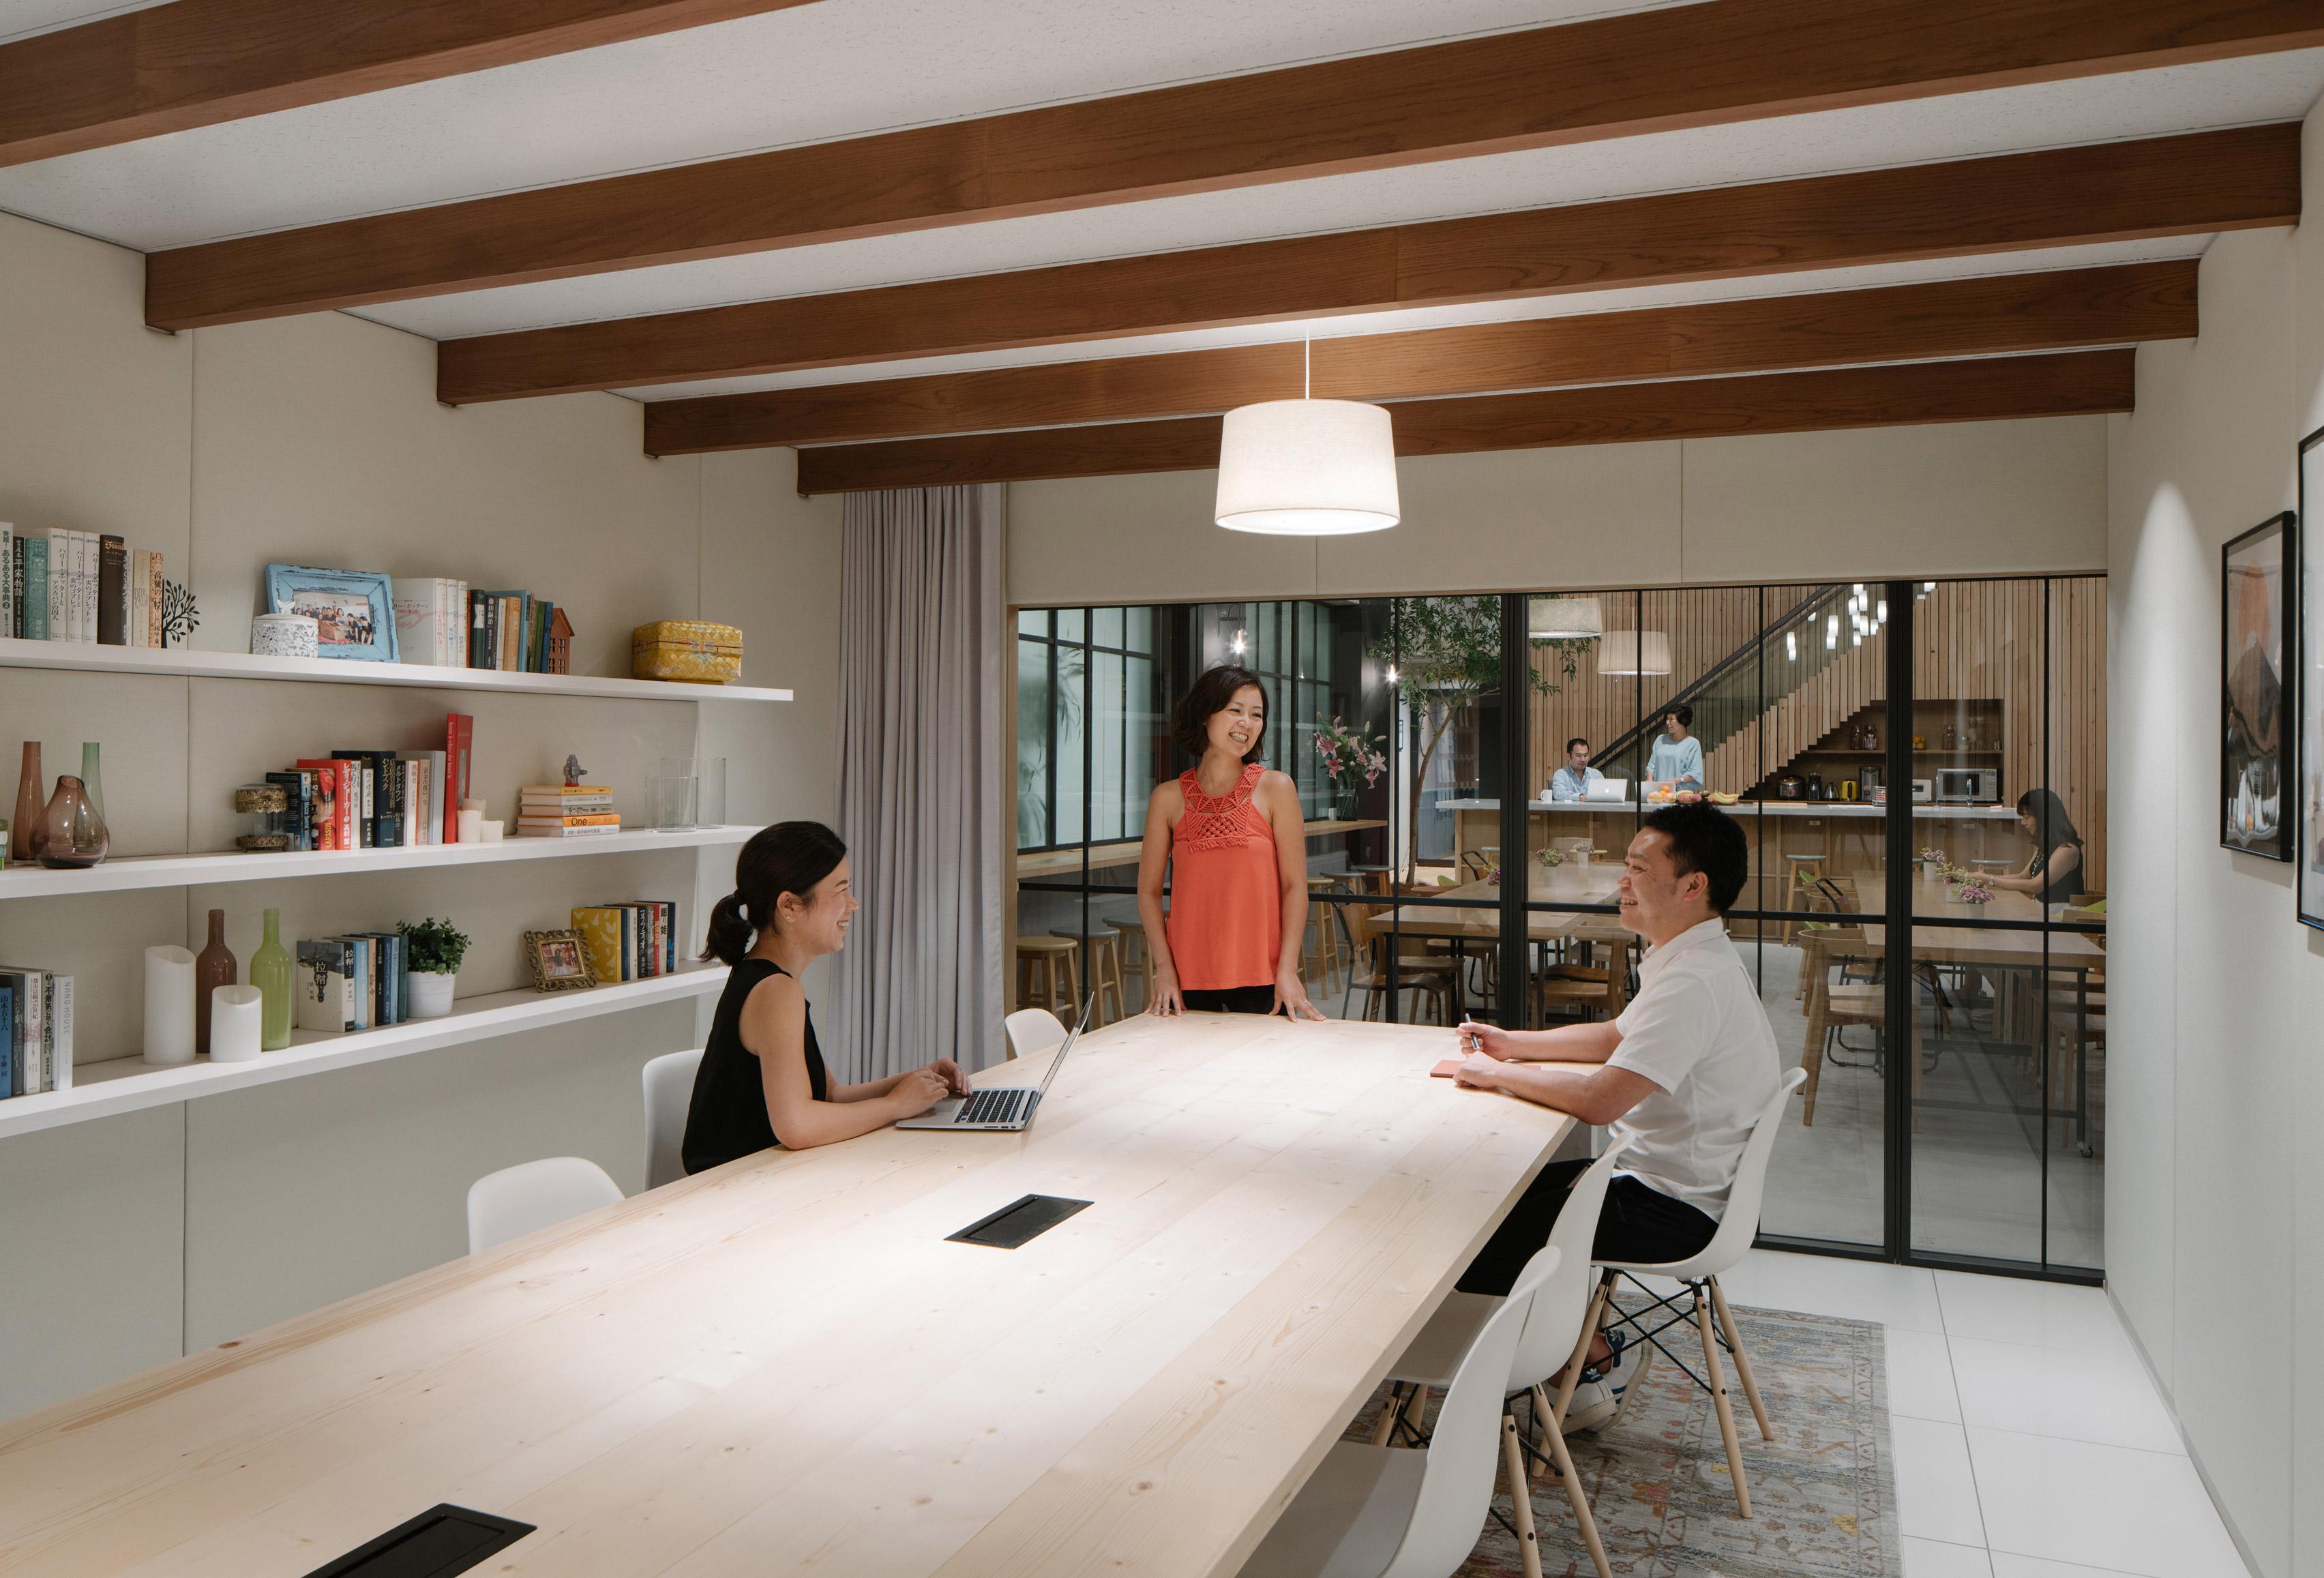 airbnb-tokyo-office-_dezeen_3408_4